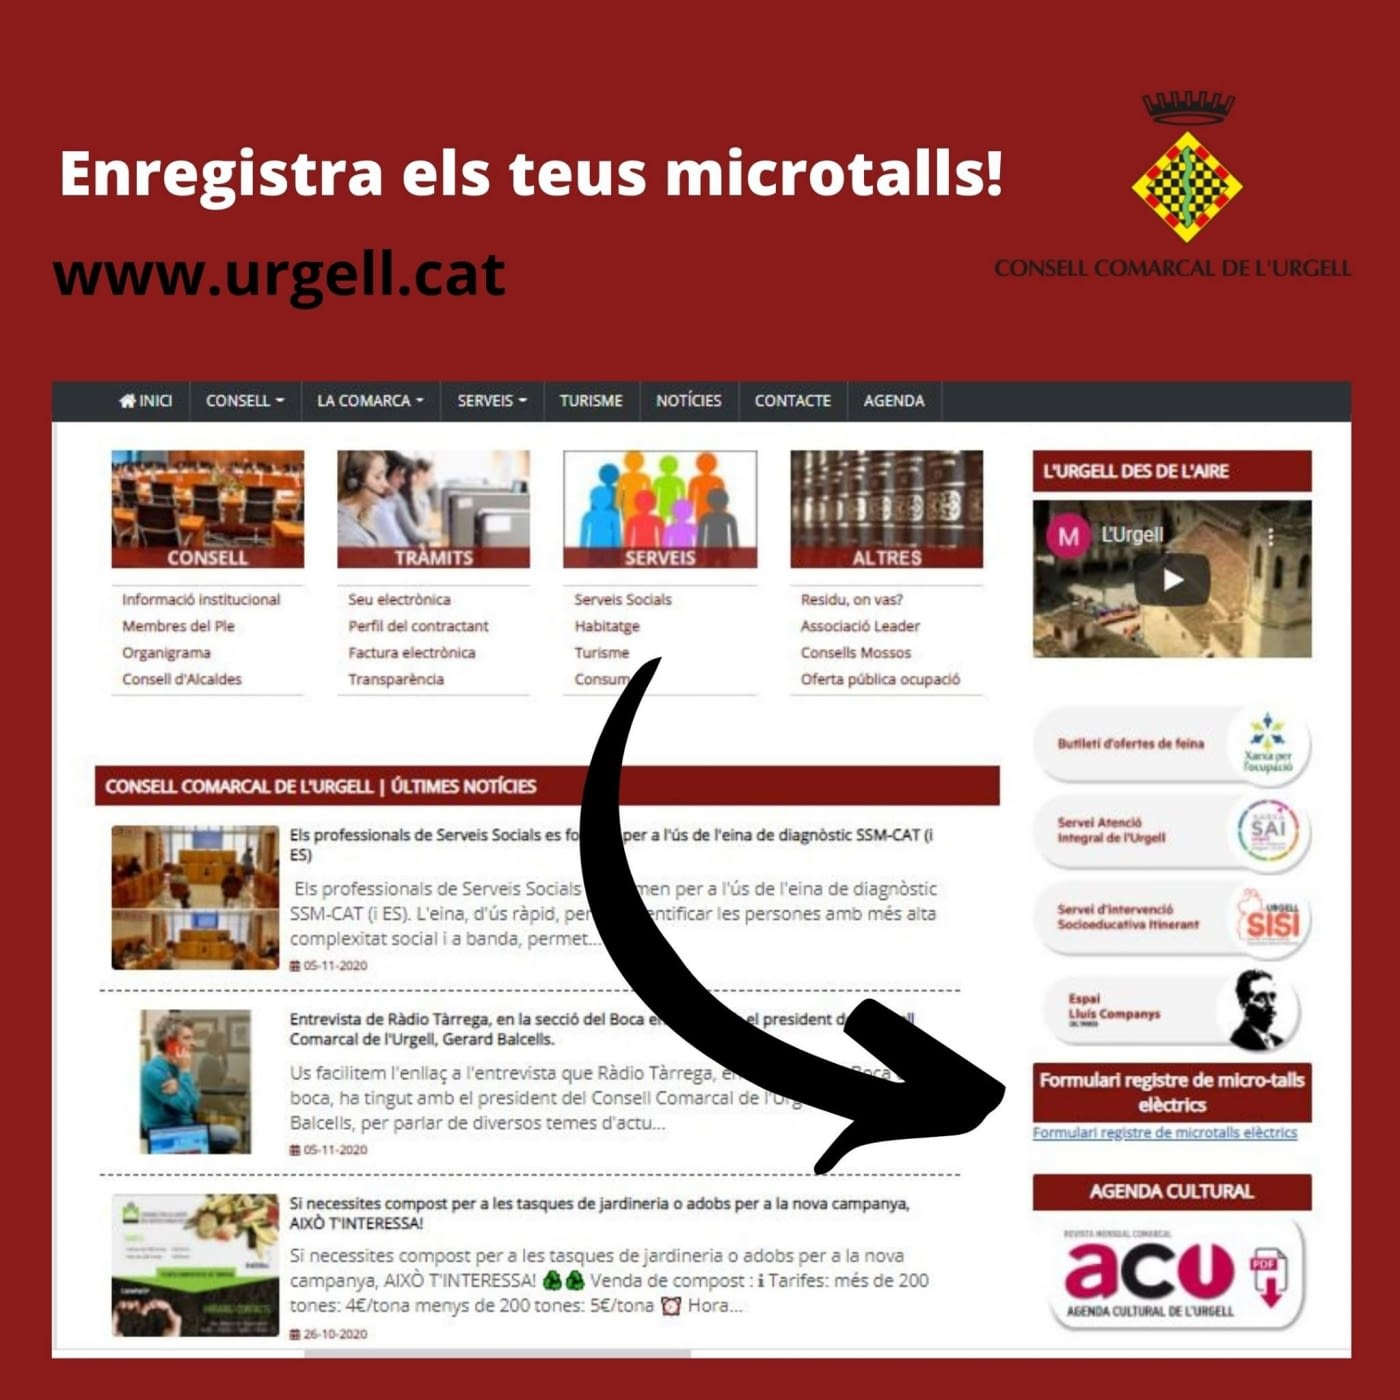 Registre de microtalls elèctrics de l'Urgell